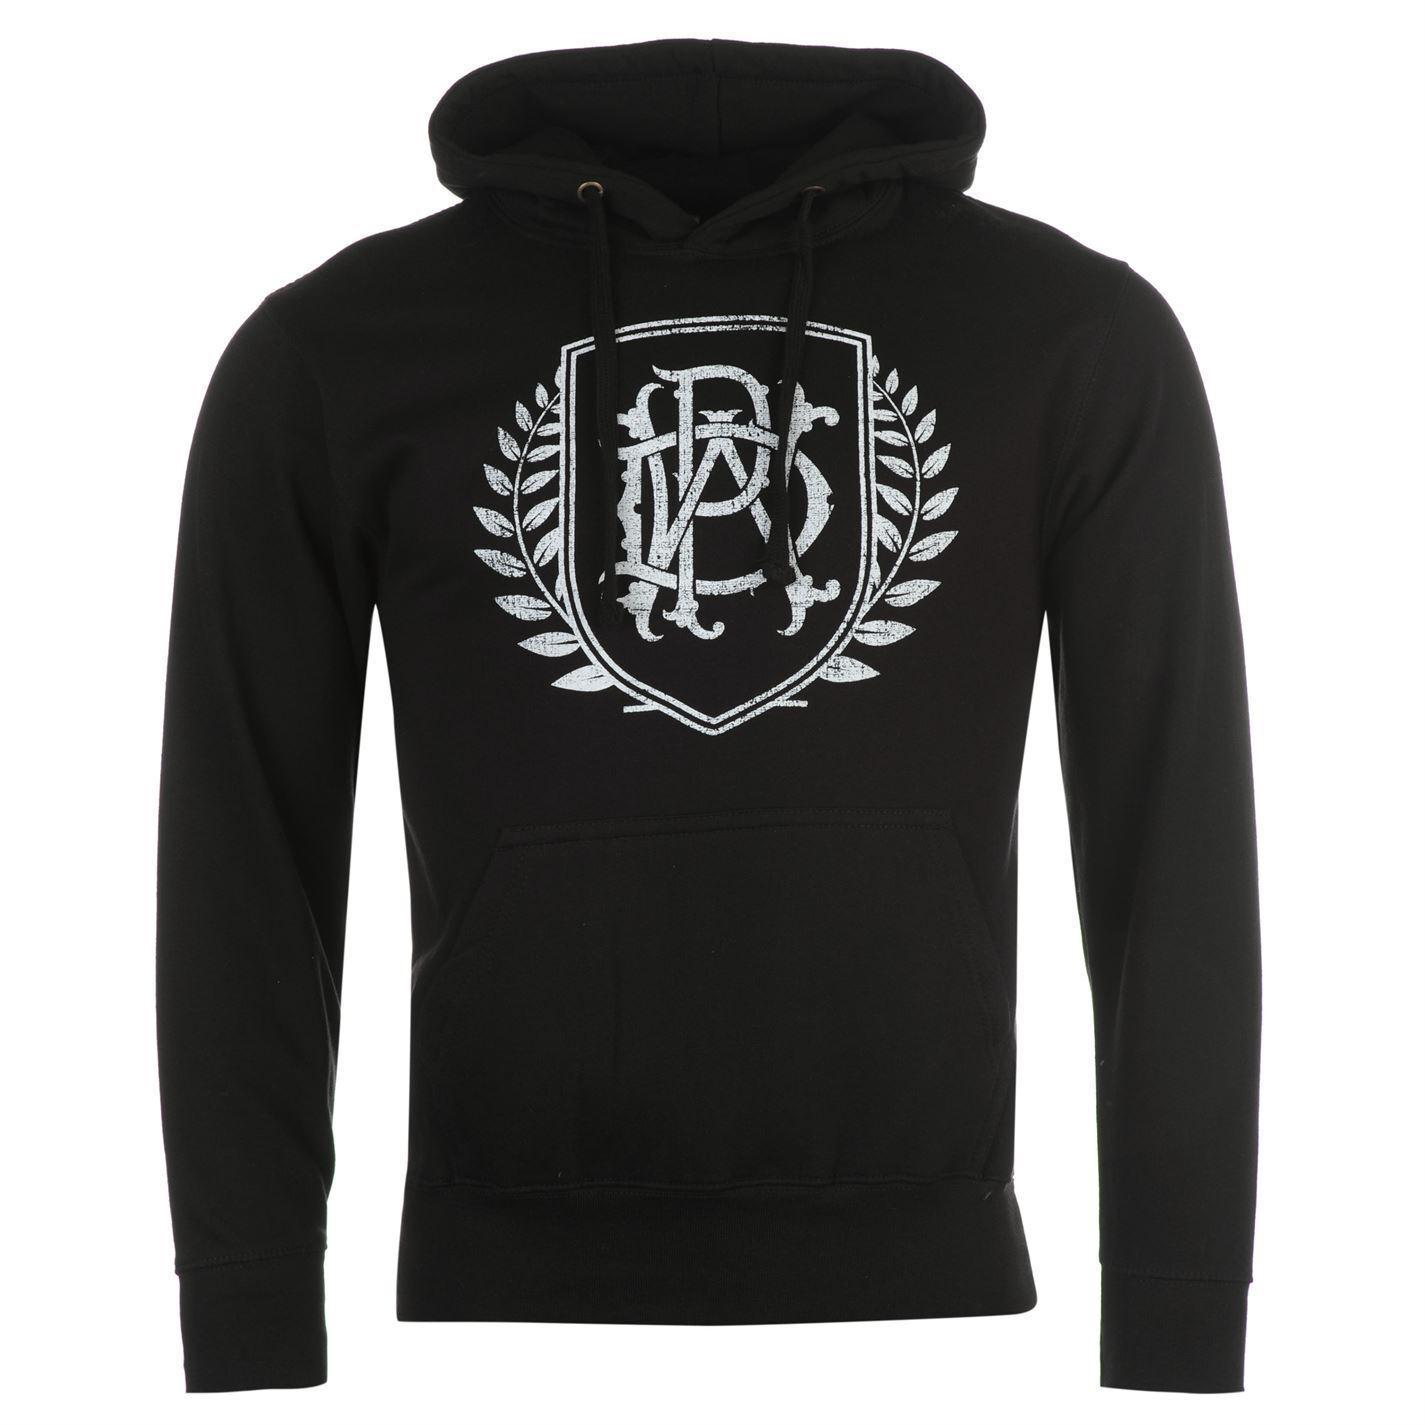 Parkway Drive Fern Collegiate Pullover Hoody  Herren OTH Hoodie Sweatshirt Sweater